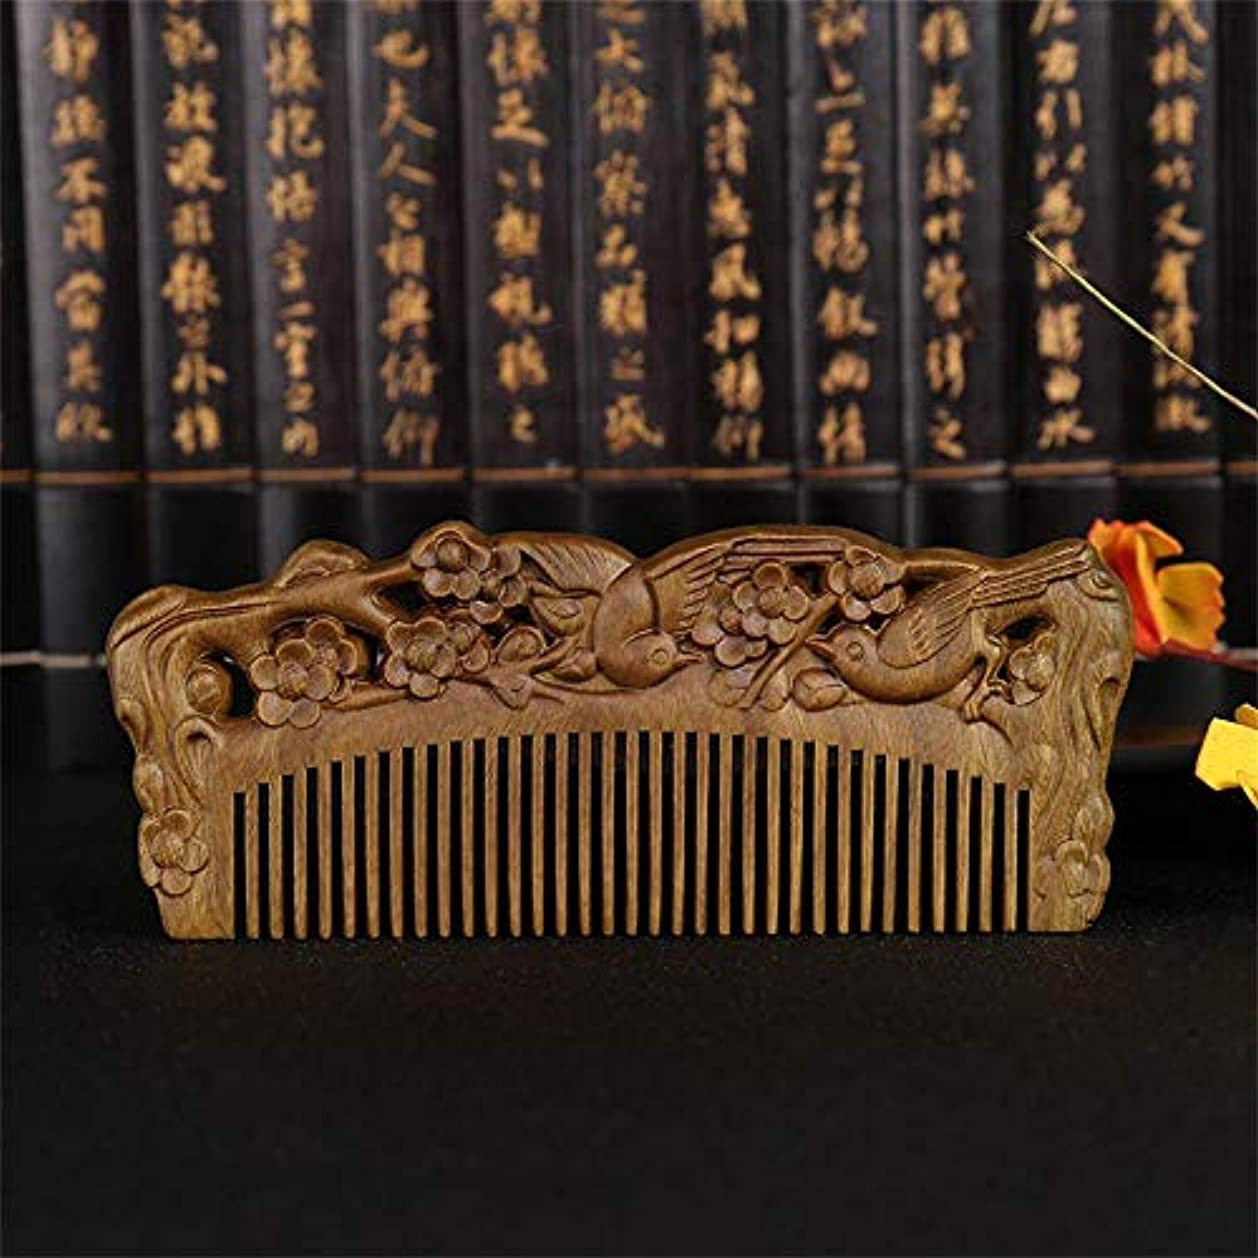 麦芽傾向があります広いくしヘアケア帯電防止木製ヘアマッサージナチュラルウッド モデリングツール (PATTERN : Swallow)